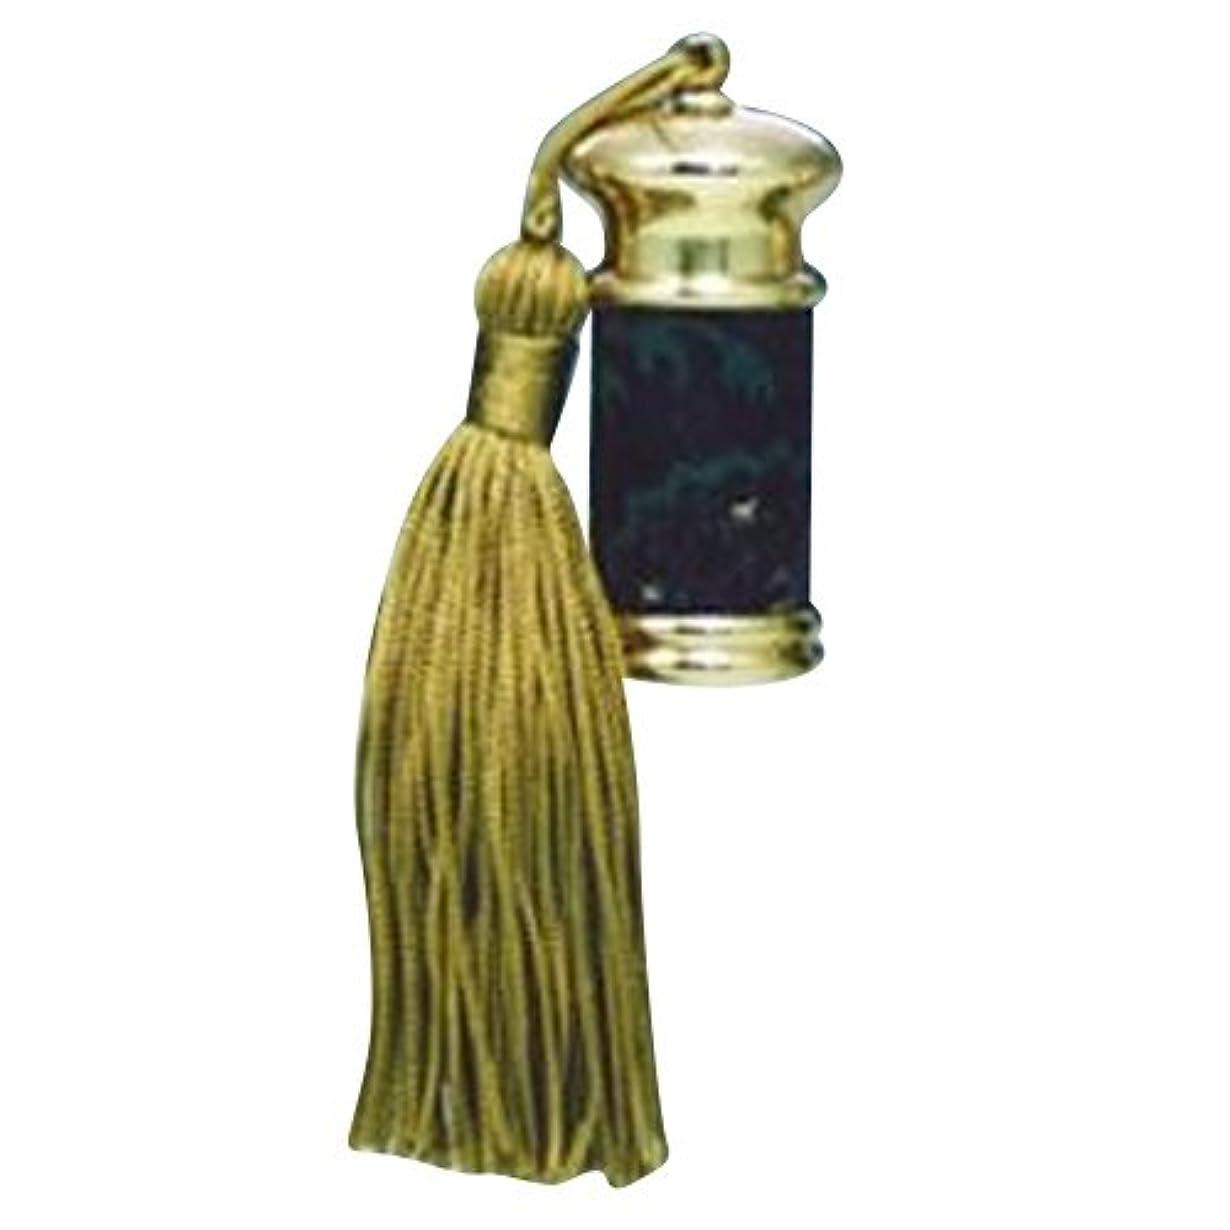 最も早い平らにするアデレードヒロセアトマイザー エスニック レザー ボトル (真鍮 革巻き) 23012 BK (ブラック)